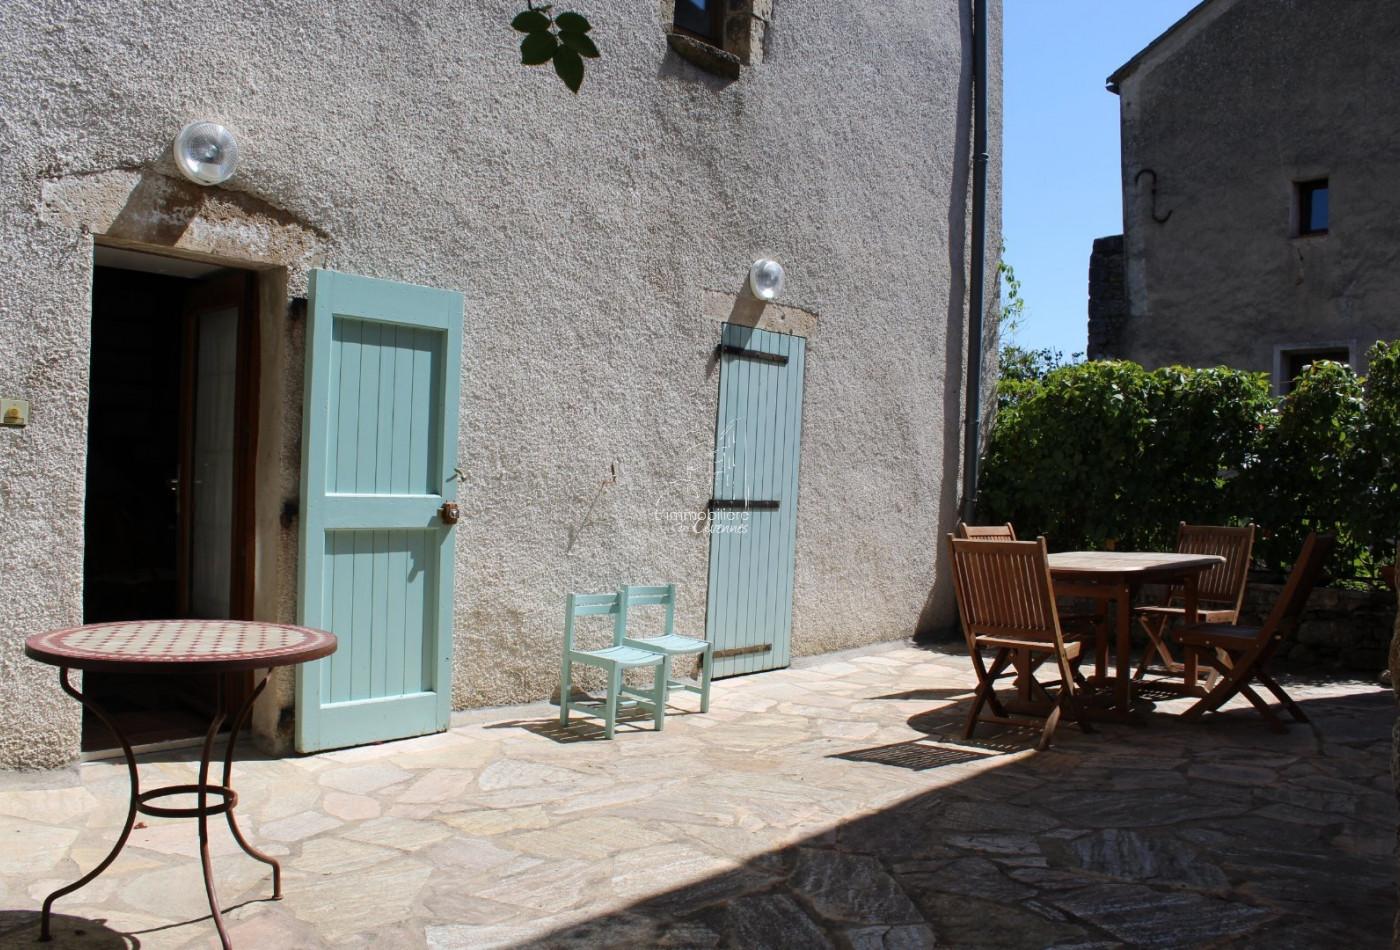 A vendre  Breau Et Salagosse | Réf 340292482 - Immo3d